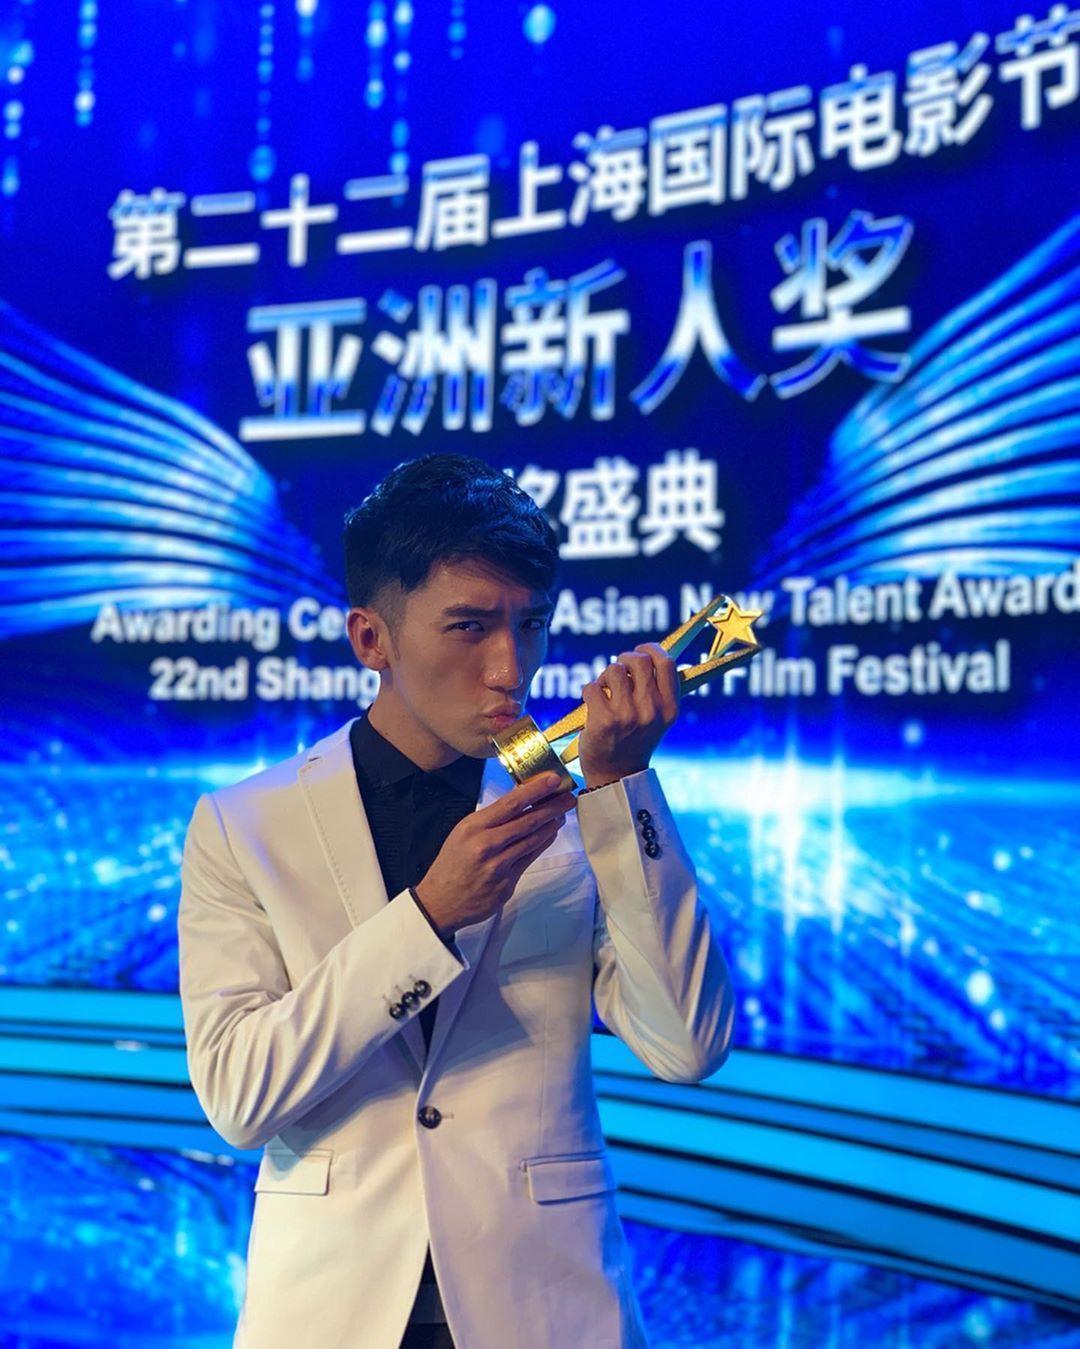 早前原騰已憑《樂園》獲得第22屆上海國際電影節亞洲新人獎最佳男演員。(翻攝自原騰IG)